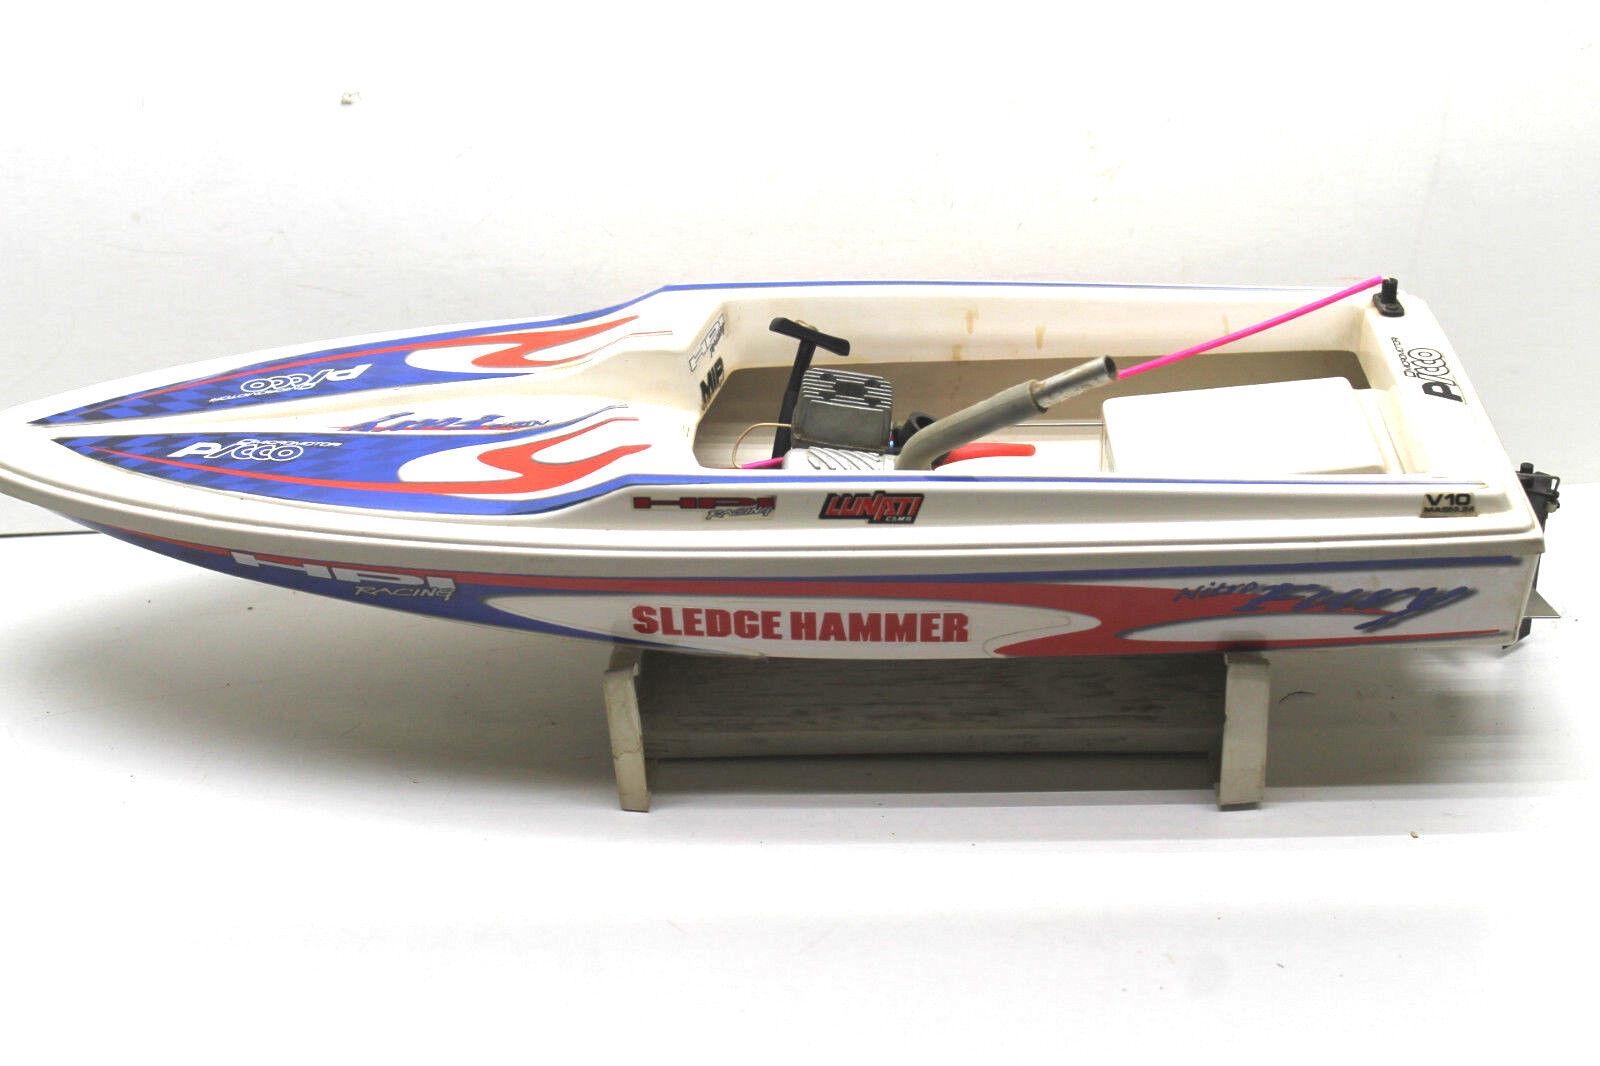 oferta de tienda Vintage 26 Nitro furia Sledge Hammer Star 15 15 15 HPI Racing Compresión parece Sin Uso  Garantía 100% de ajuste